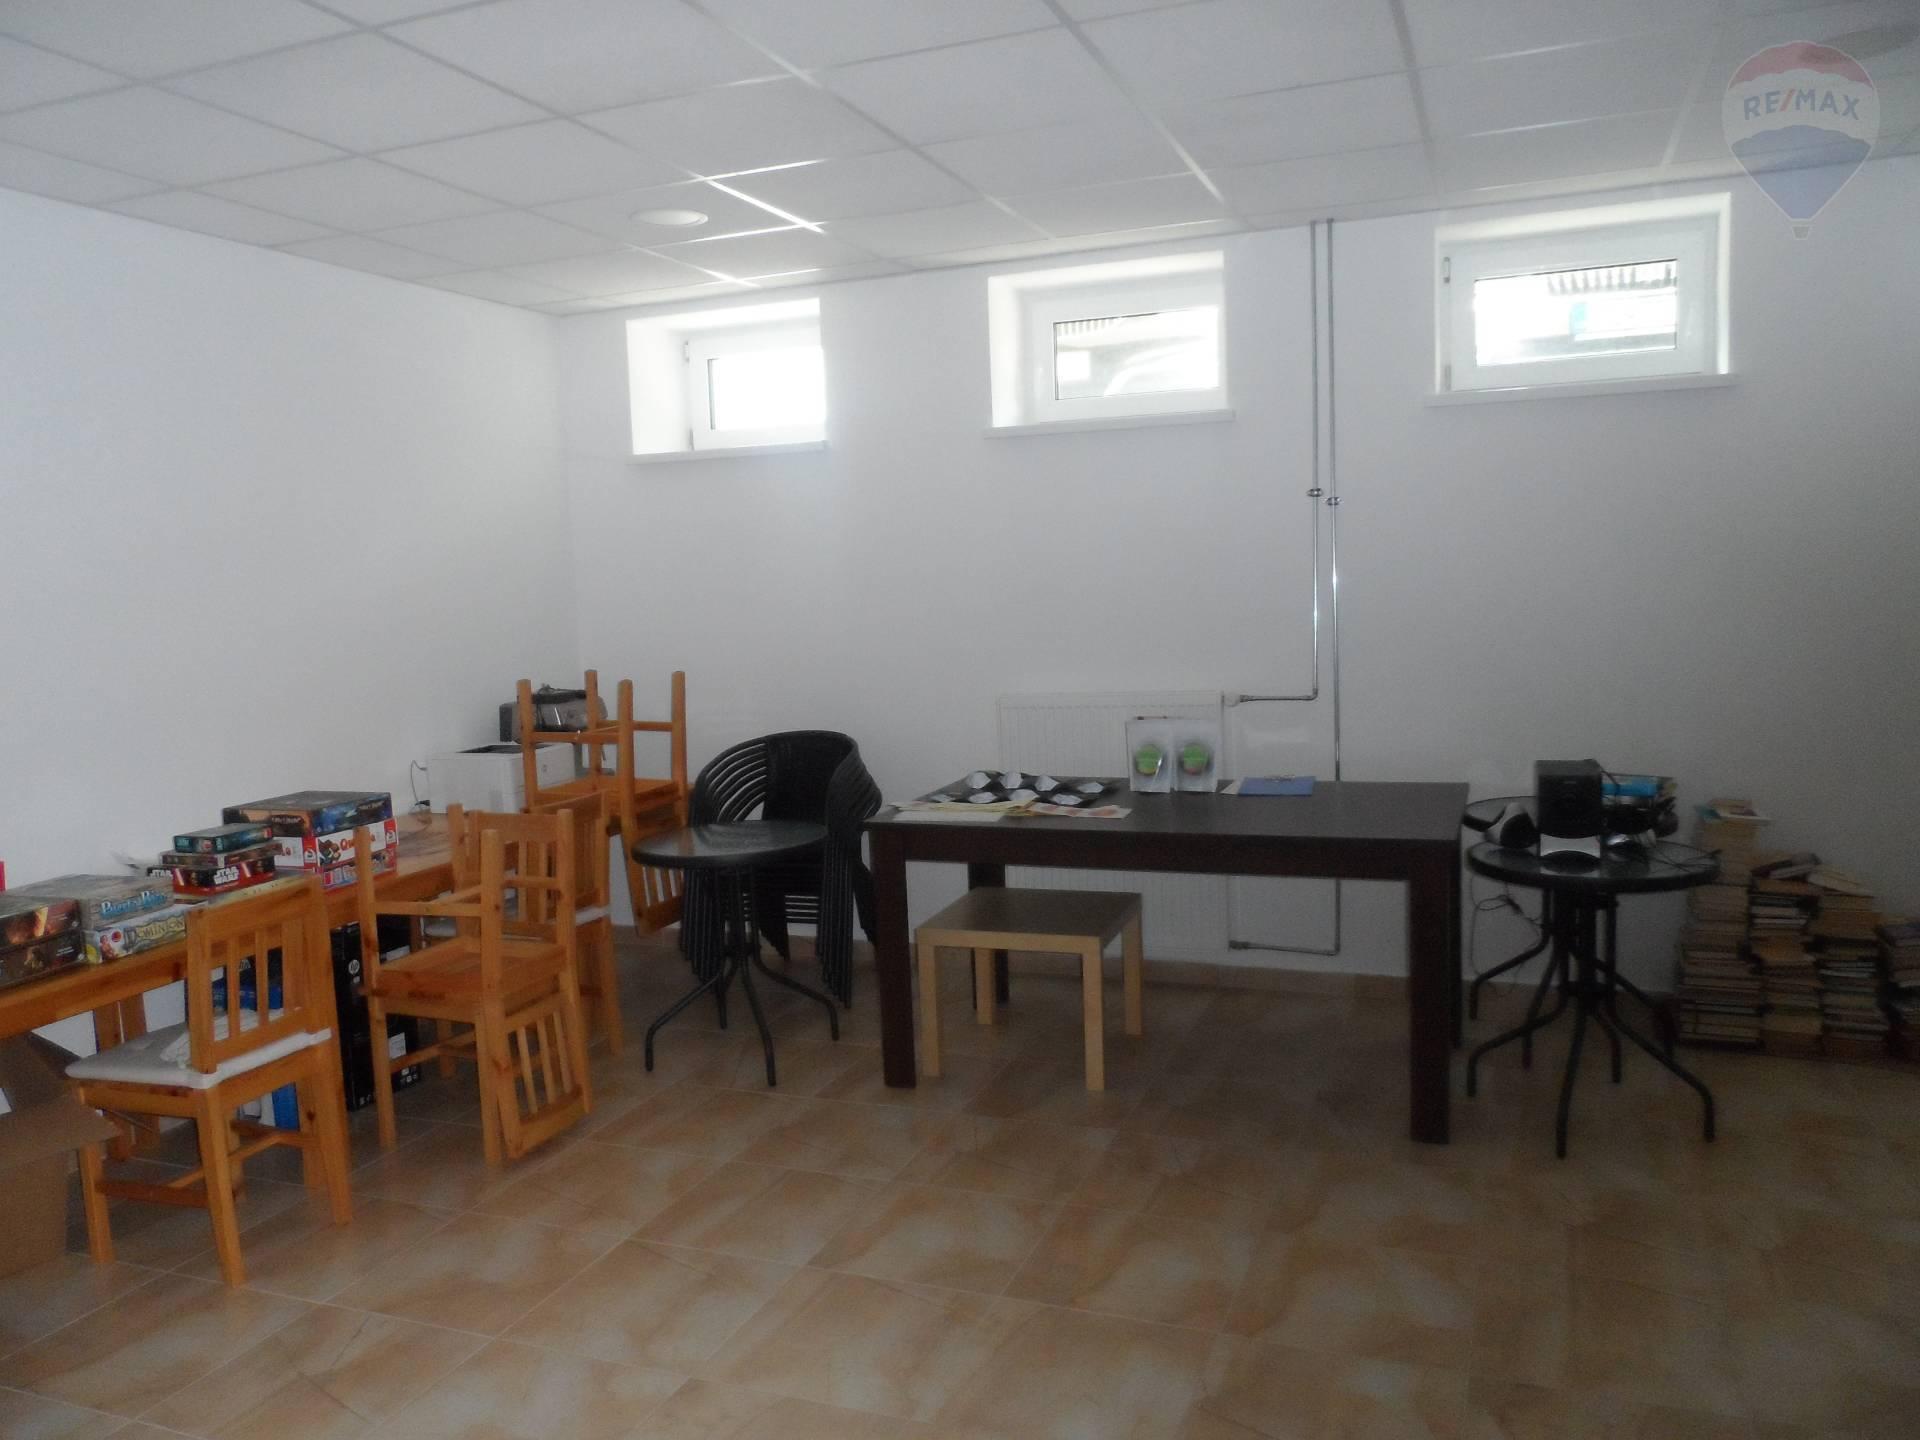 a7d68555276af ... Prenájom komerčného priestoru 110 m2, Topoľčany - Realitná kancelária  RE/MAX ponúka na prenájom ...